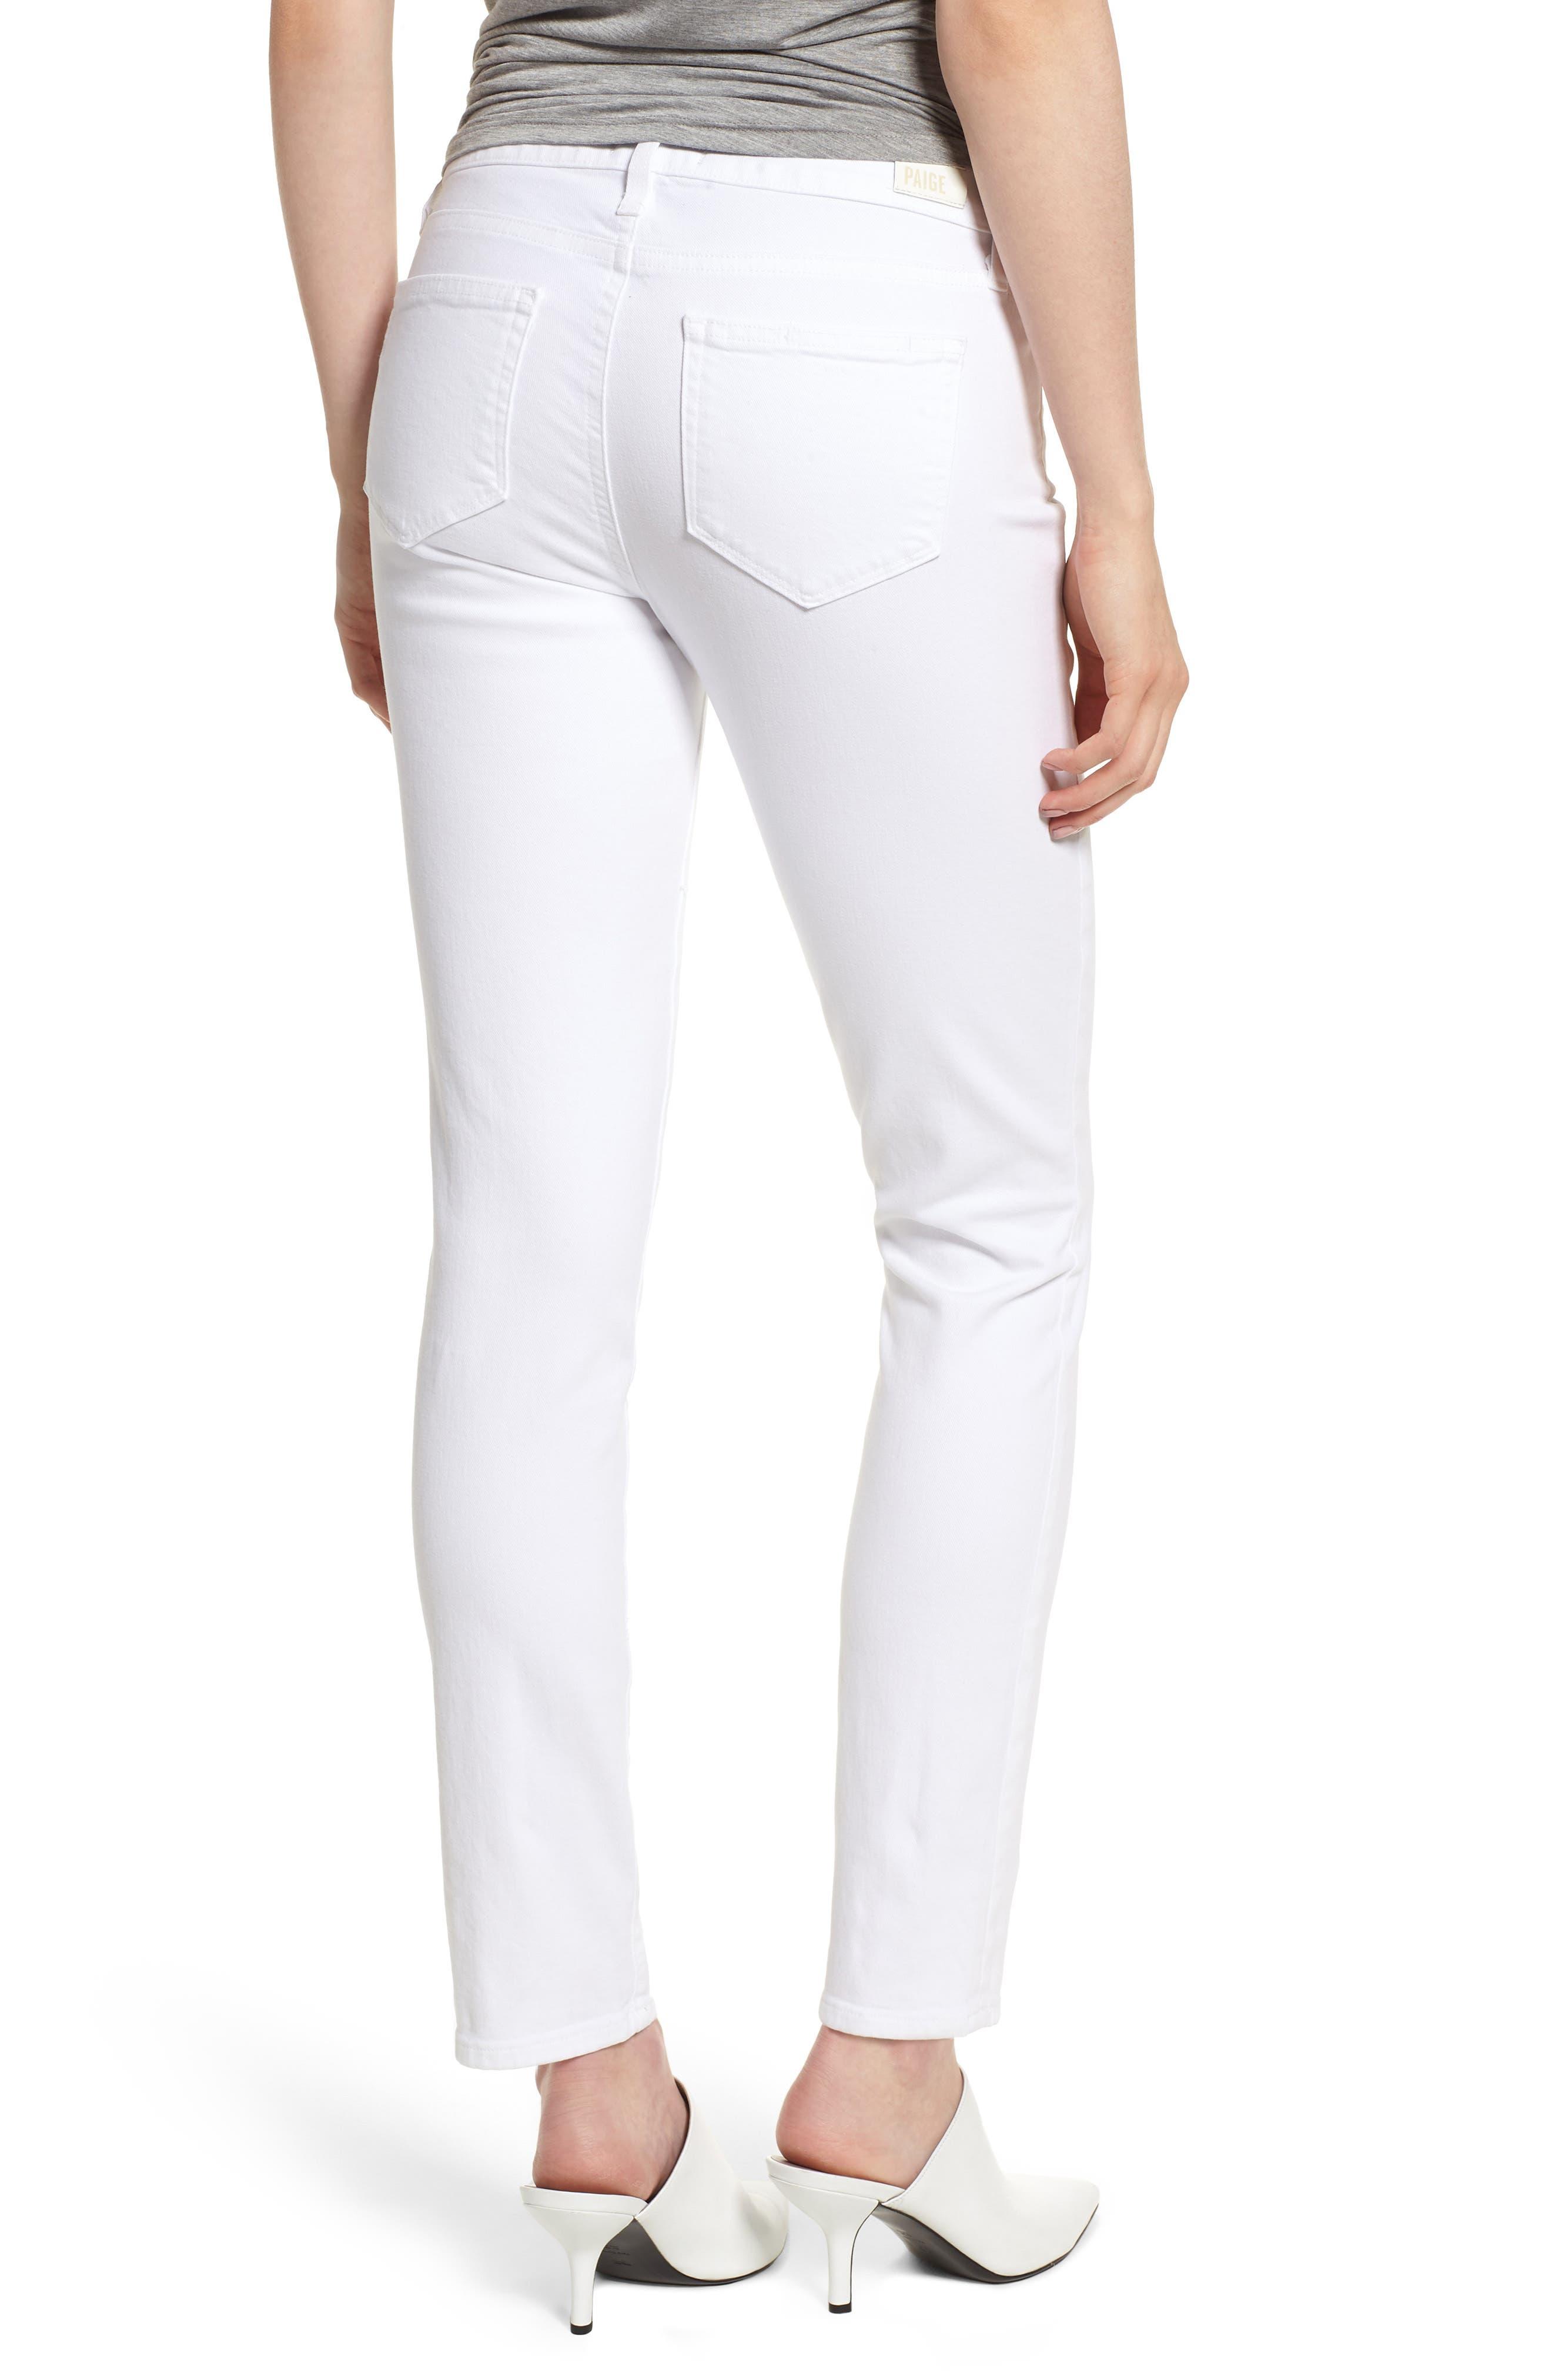 Skyline Ankle Peg Skinny Jeans,                             Alternate thumbnail 2, color,                             Crisp White